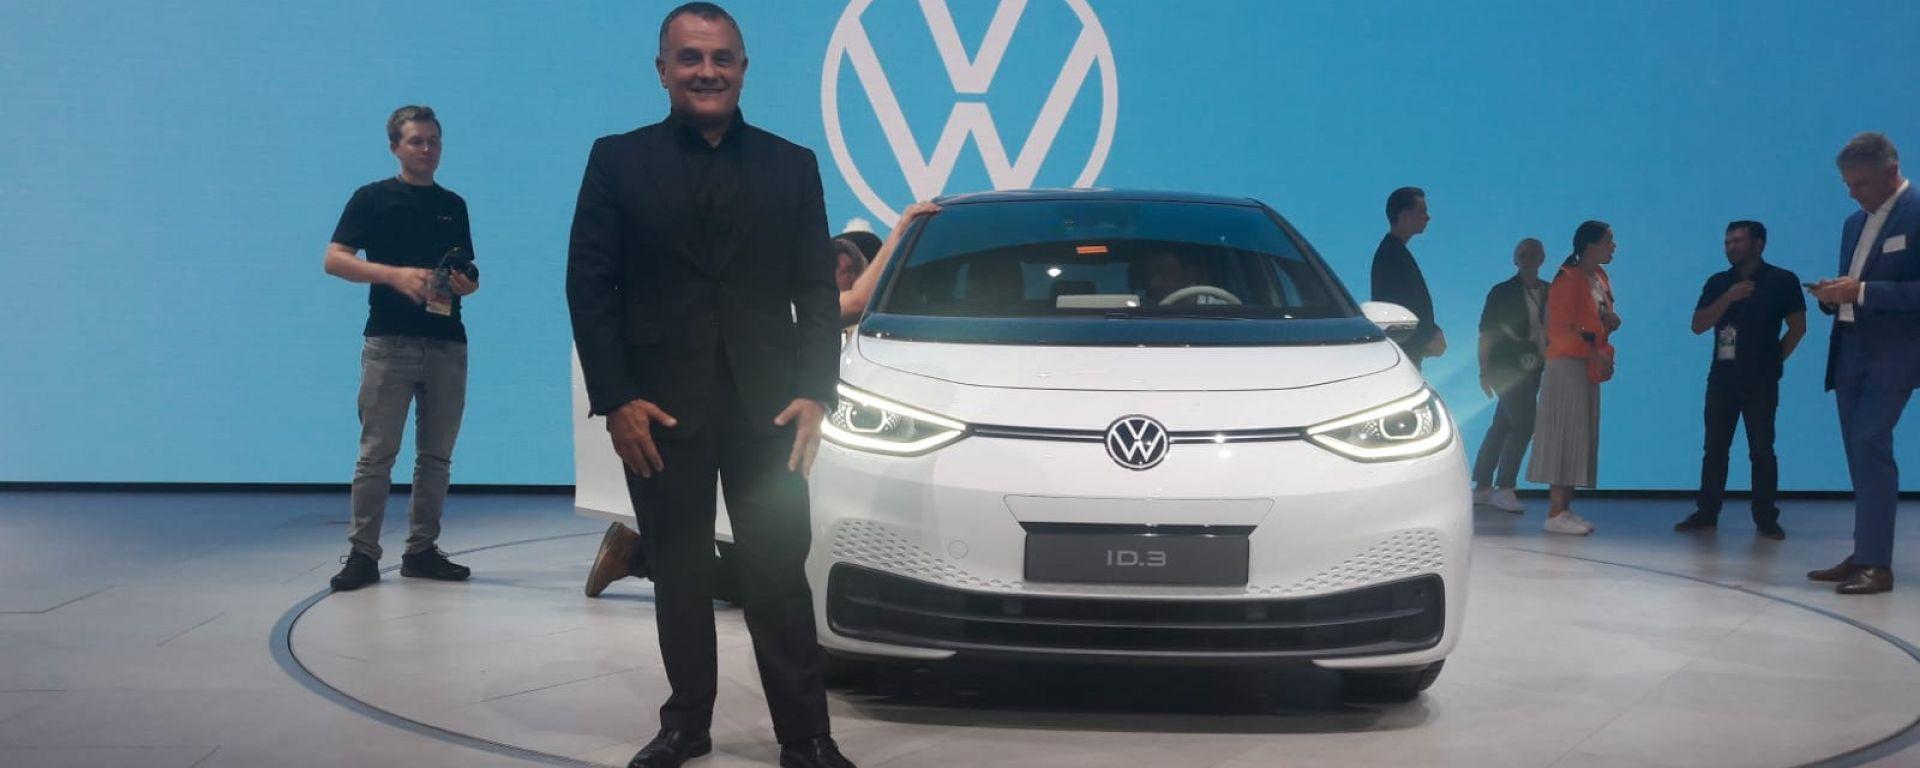 Salone di Francoforte 2019: le novità allo stand Volkswagen